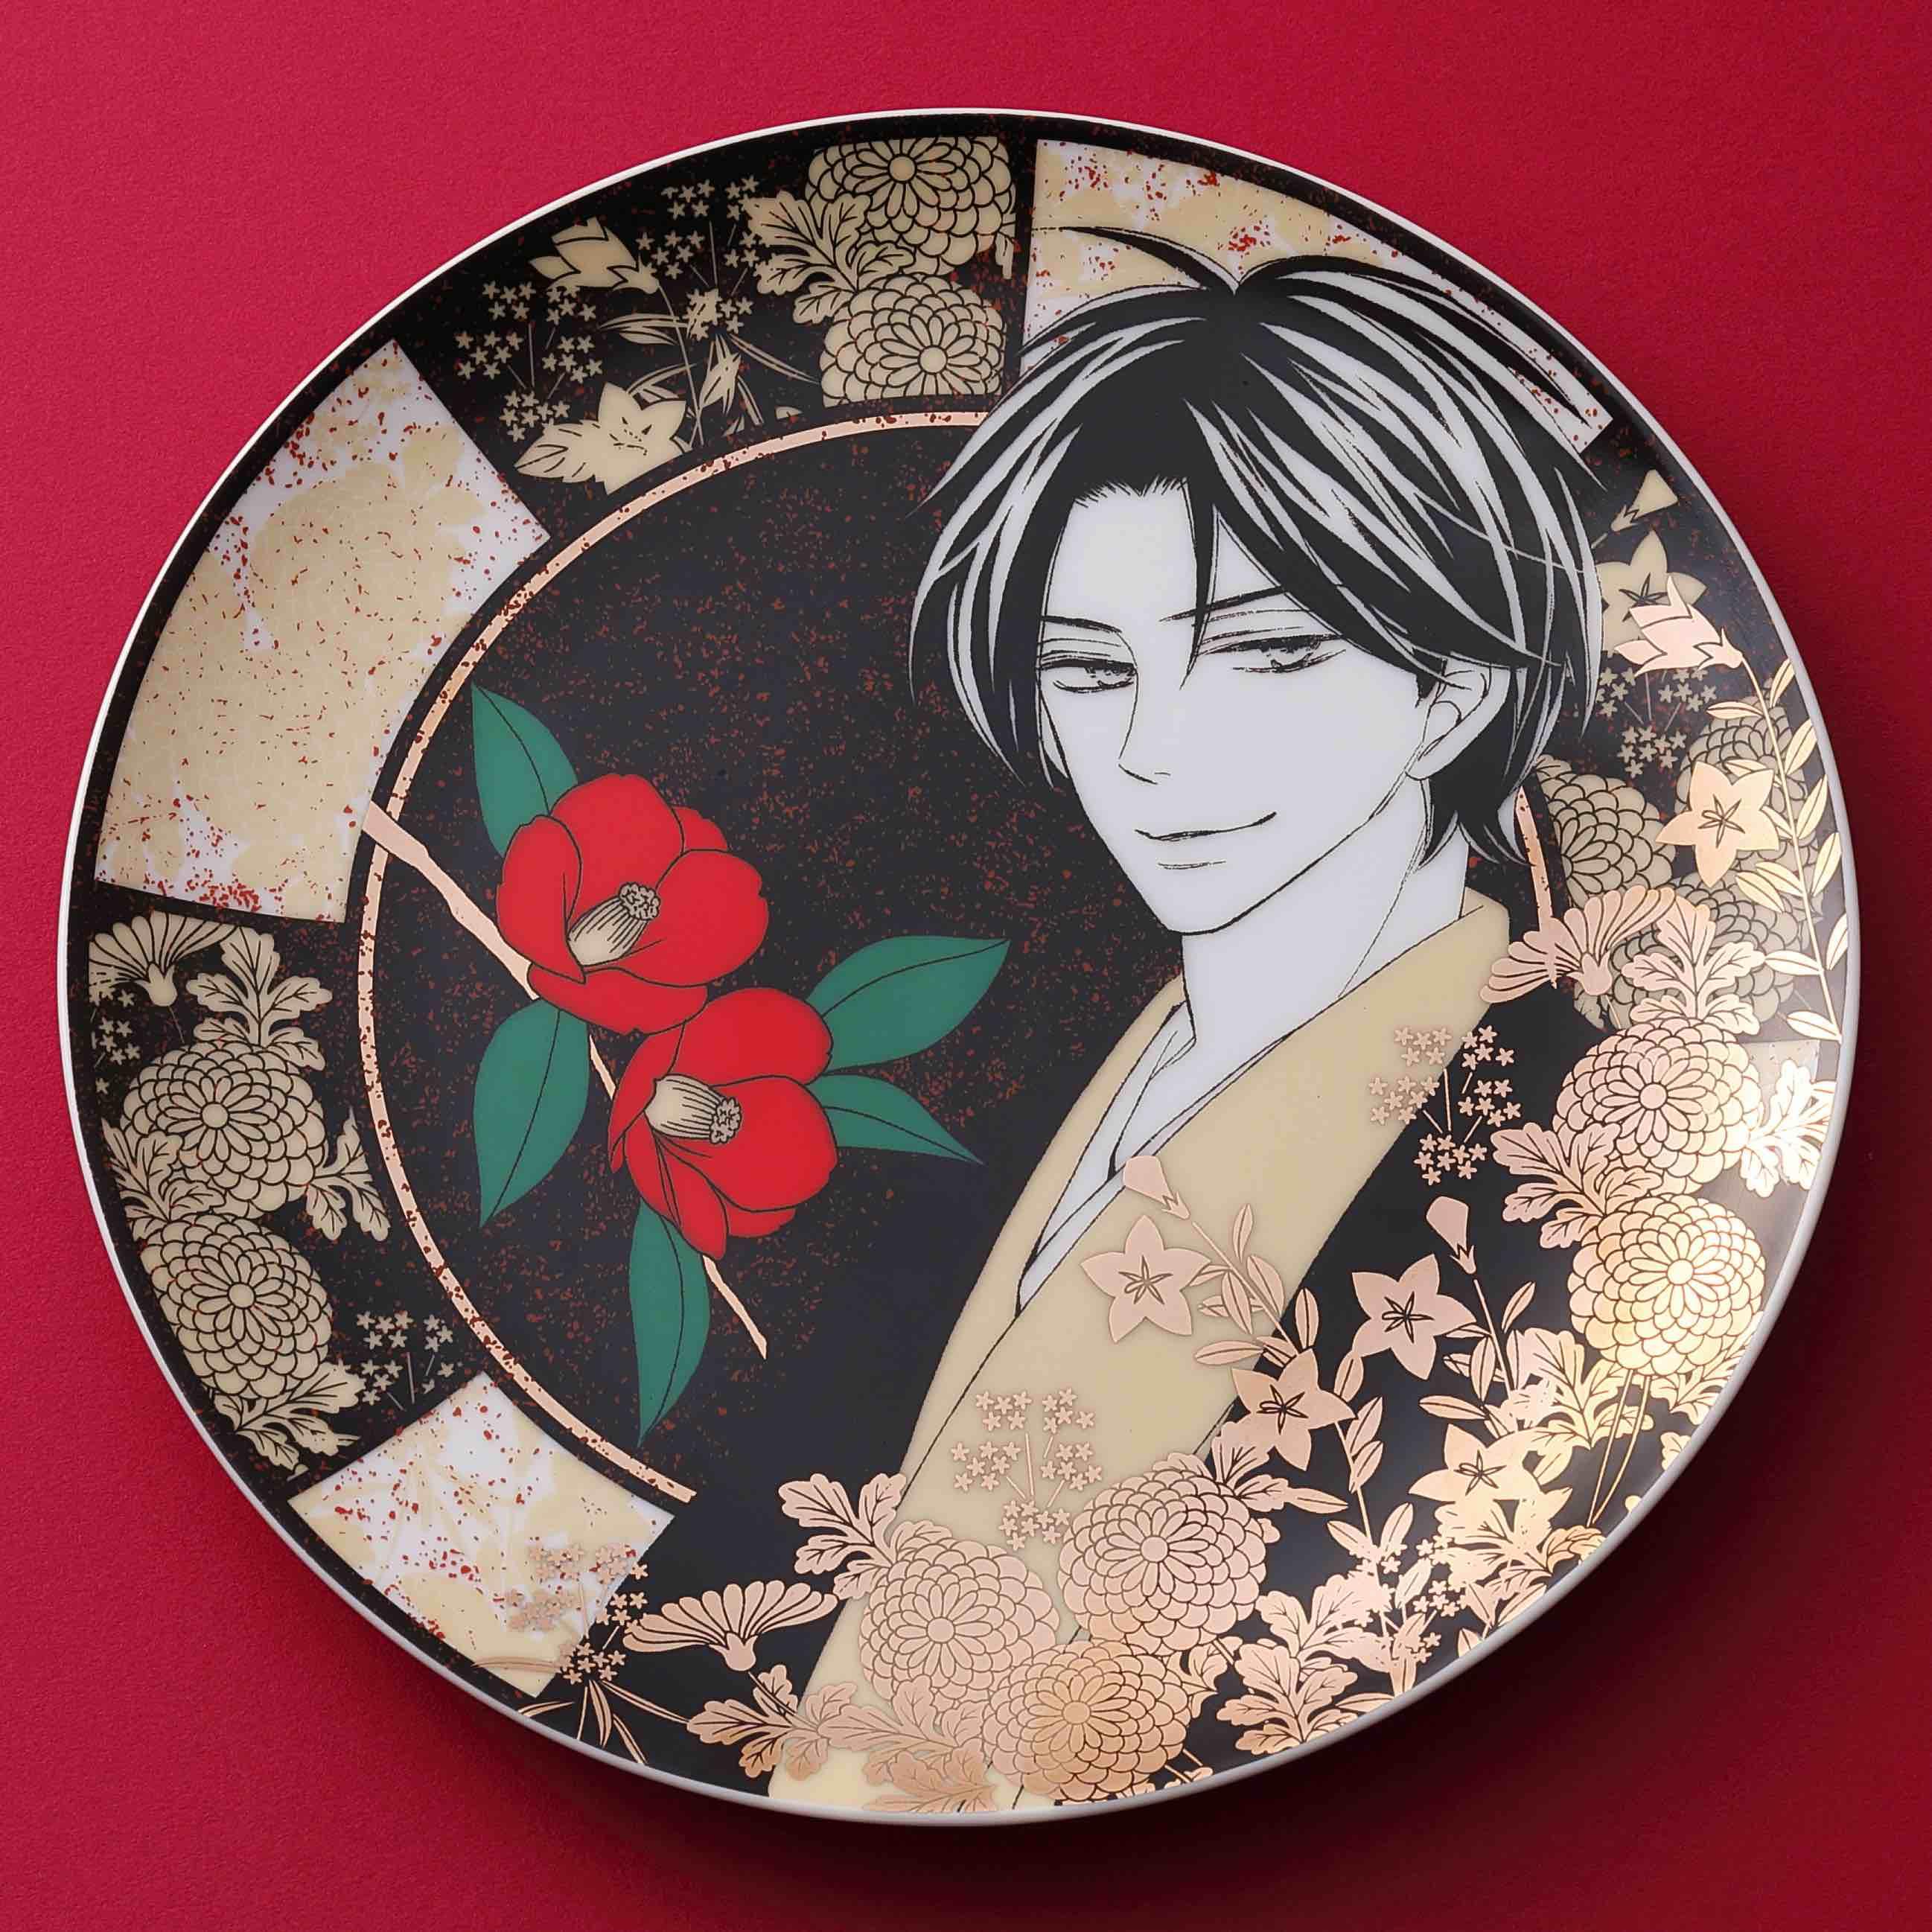 桜小路かのこ先生「青楼オペラ」オリジナル絵皿